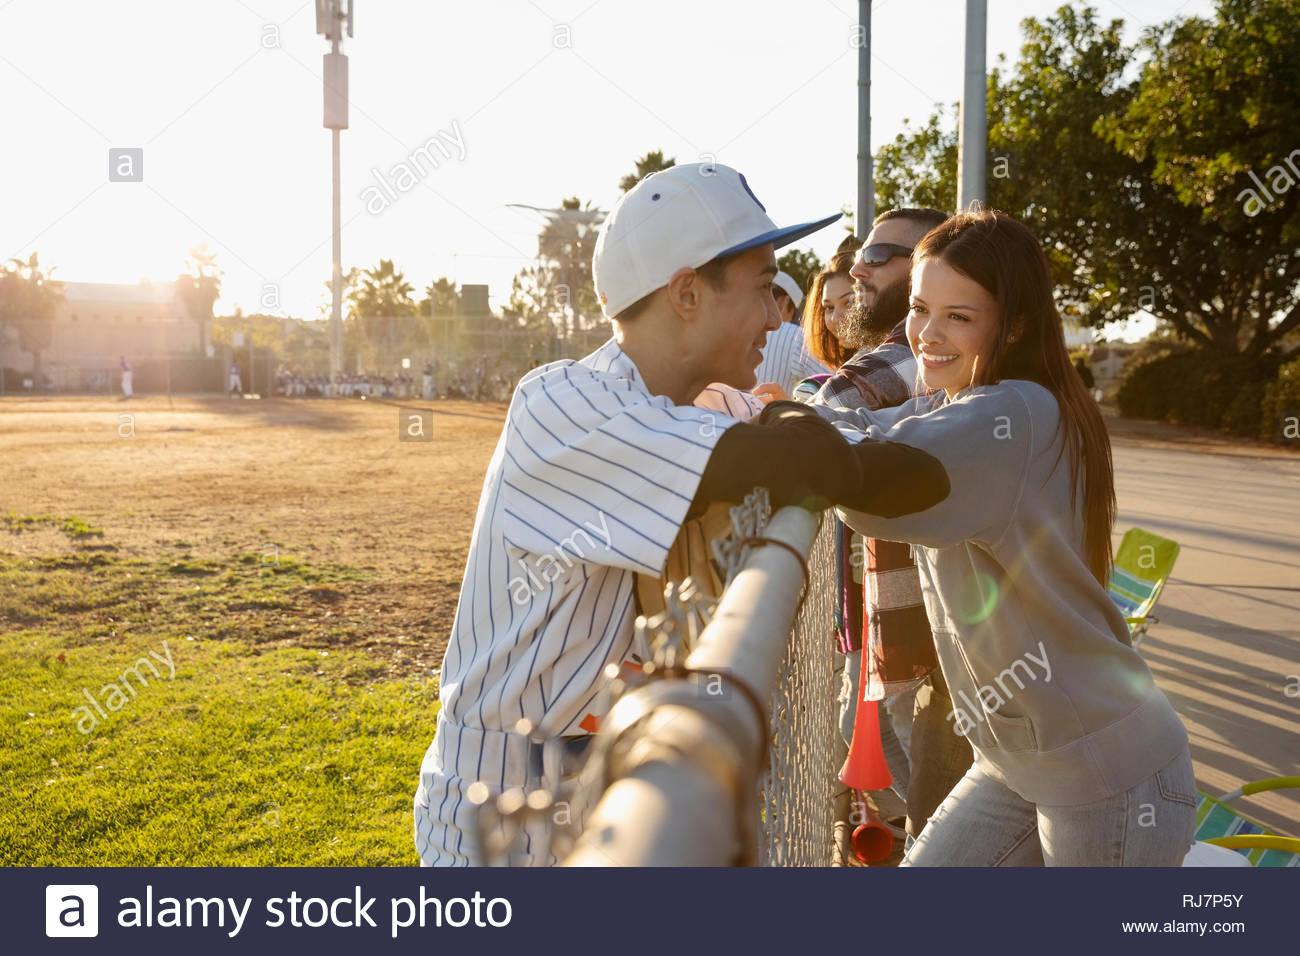 Baseballspieler im Gespräch mit Freundin am sonnigen Zaun Stockbild